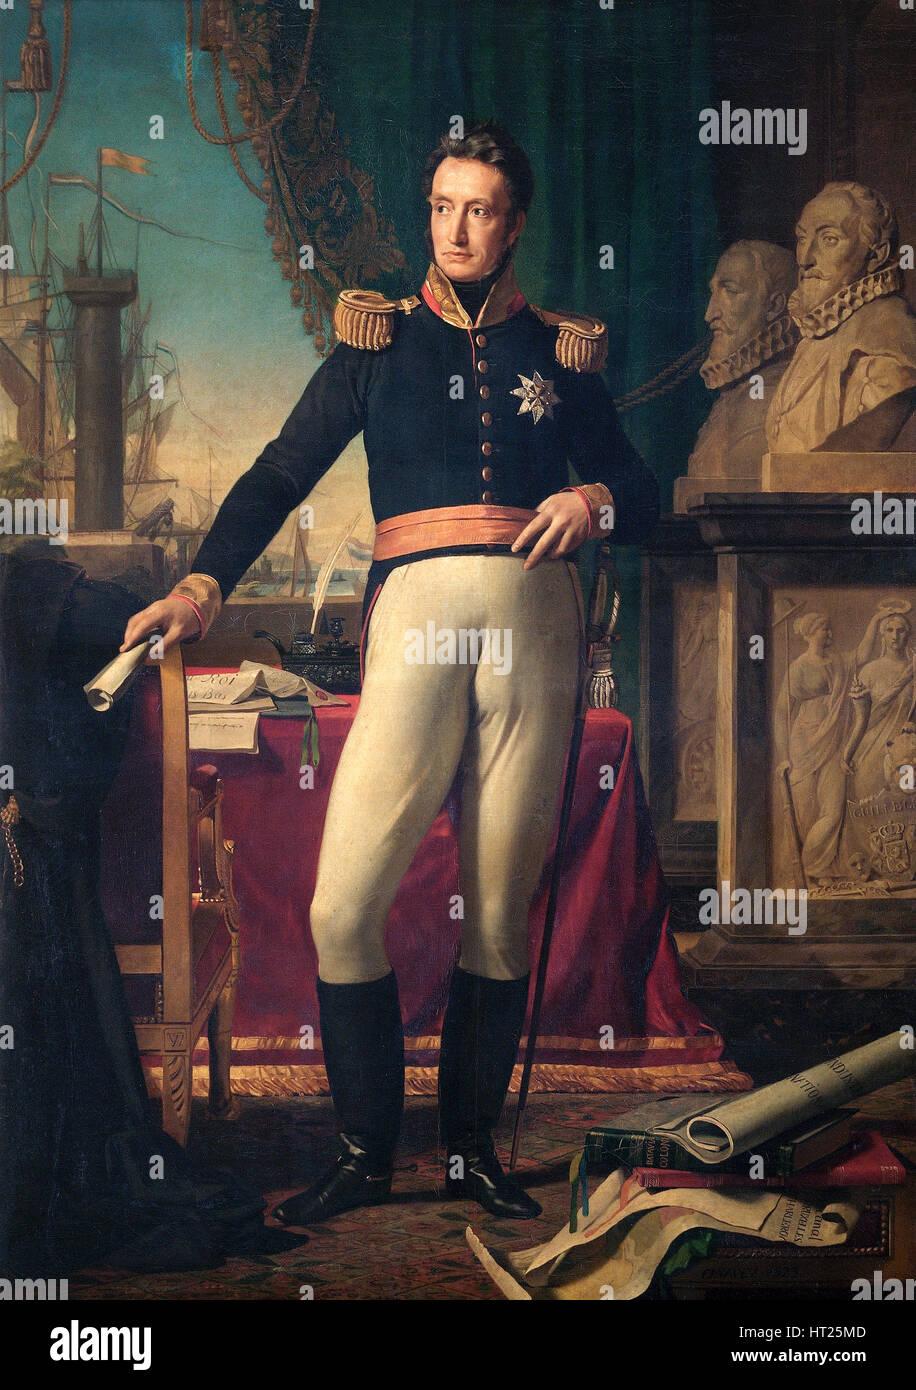 Retrato del Rey Guillermo I de los Países Bajos, en 1823. Artista: Francois-Joseph Navez. Imagen De Stock